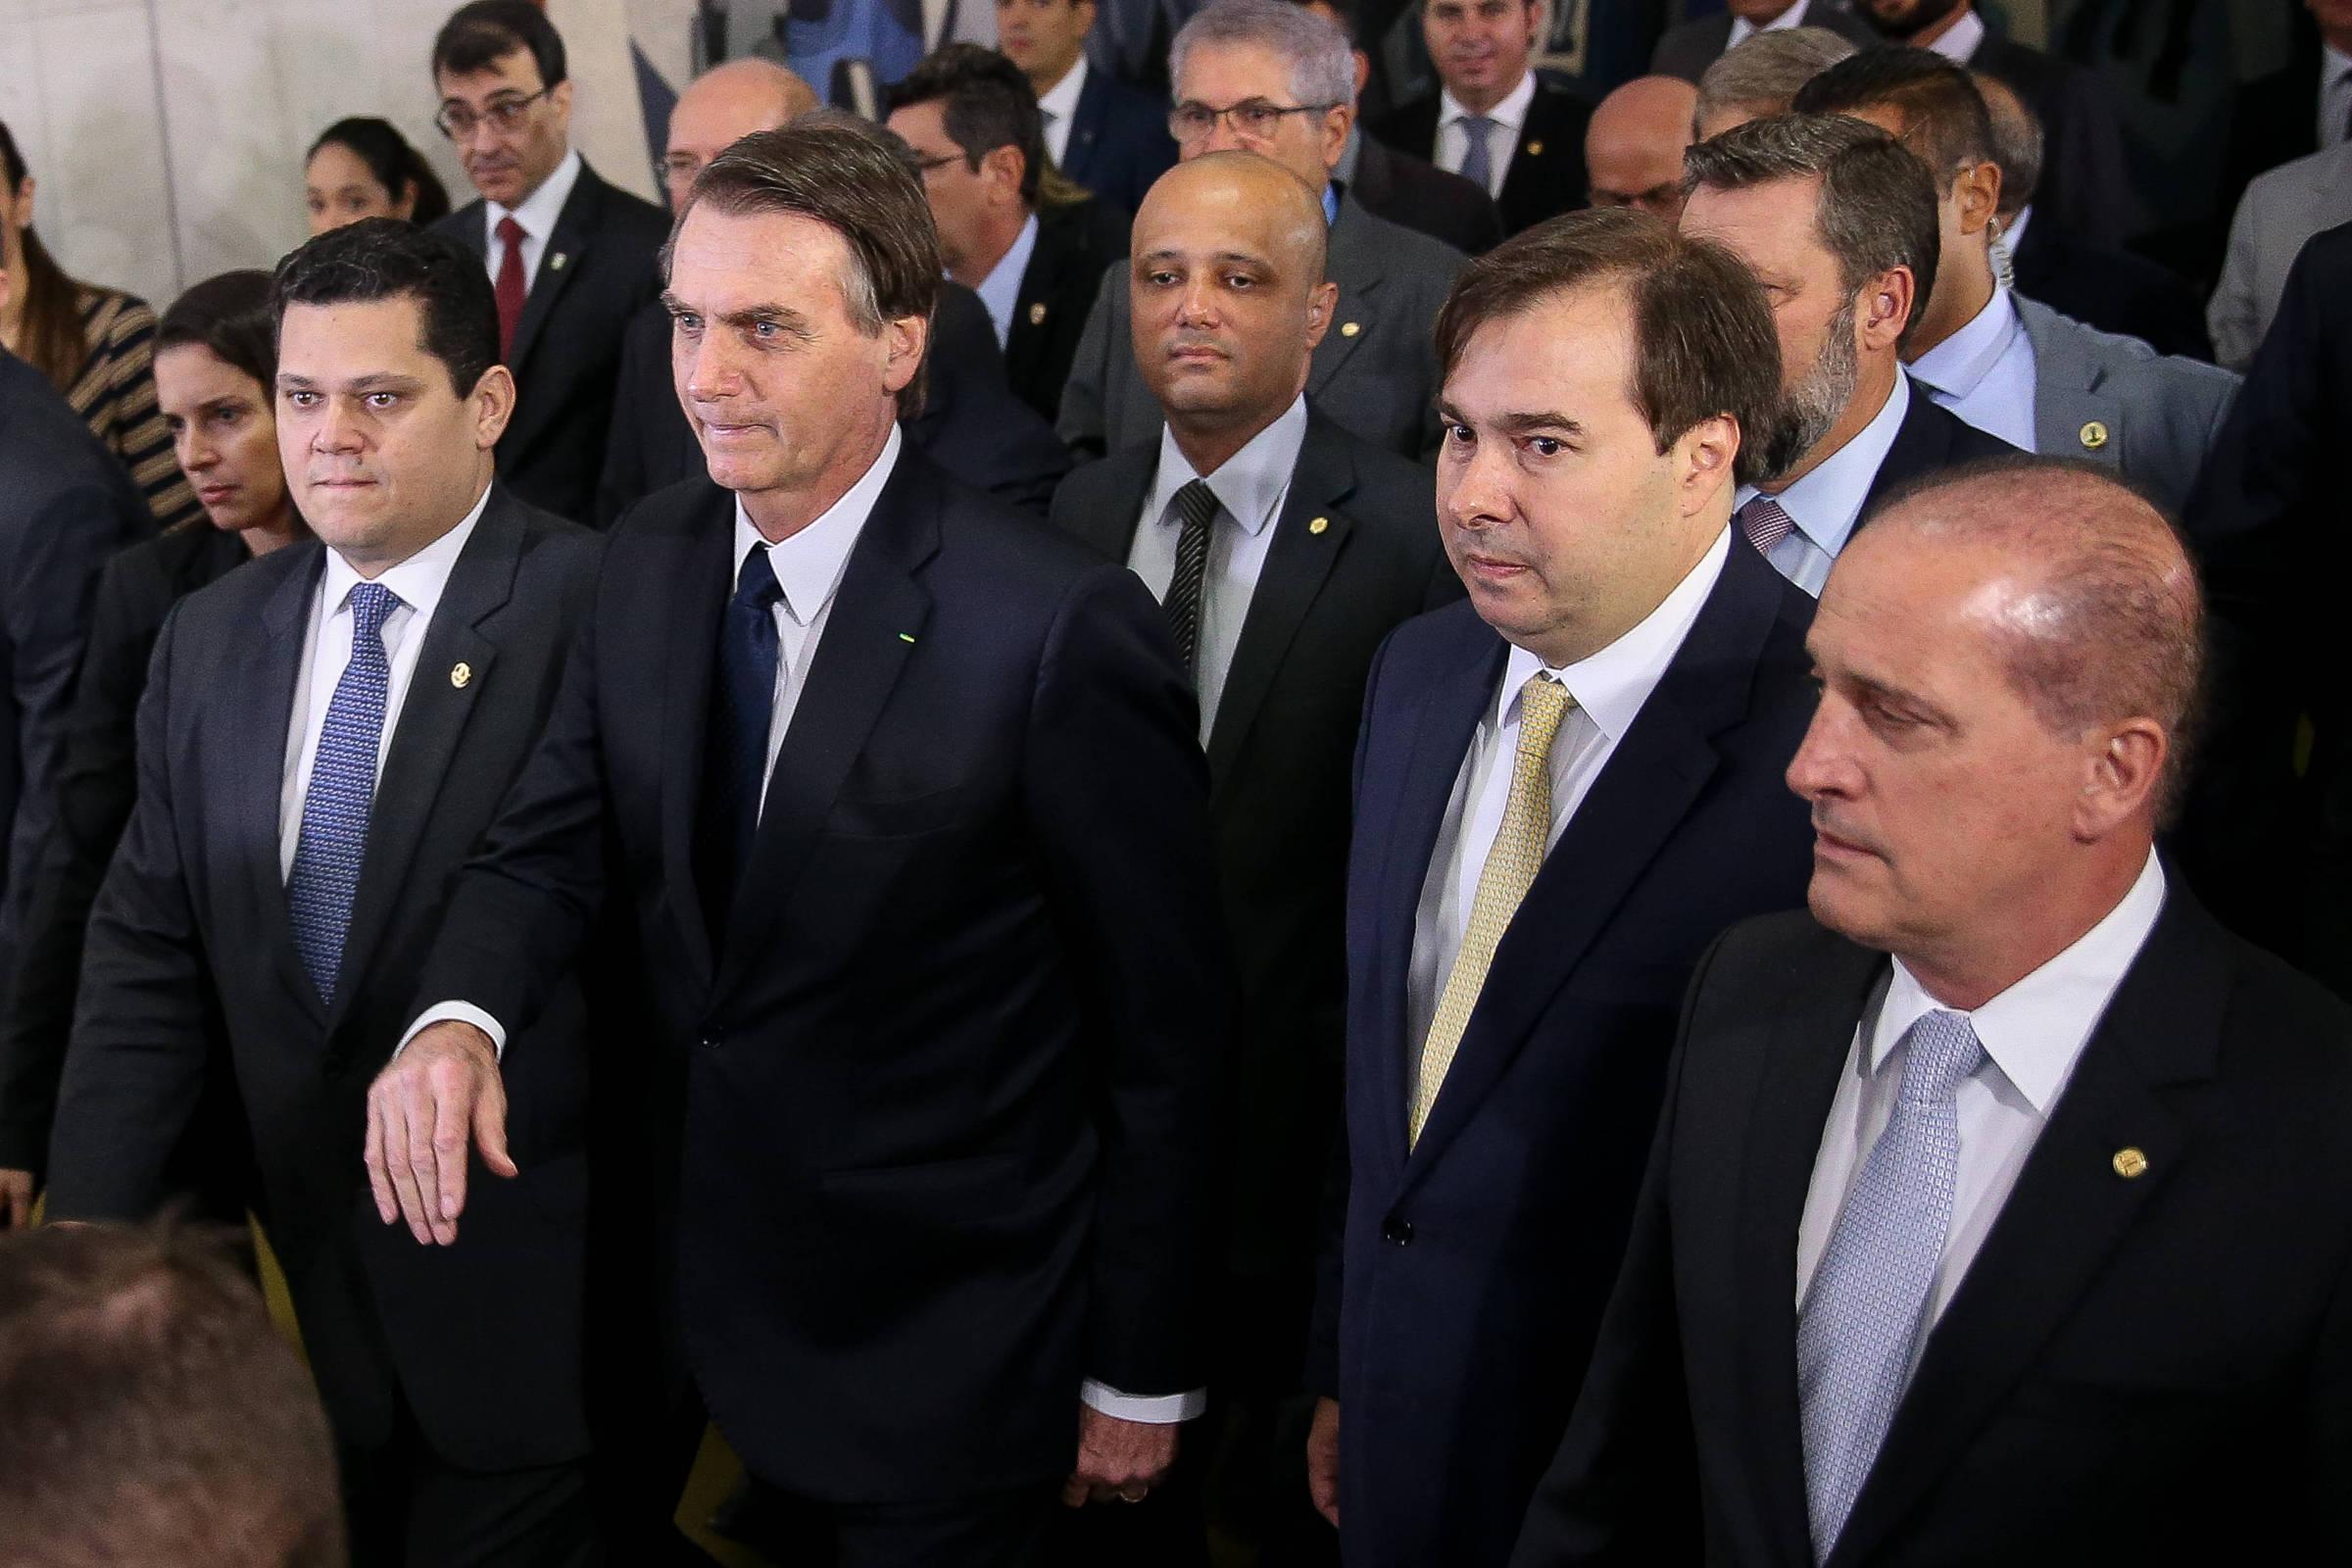 O coronavírus aumenta o fosso das pensões e ameaça atrasar o efeito da reforma - 07.07.2020. - Mercado